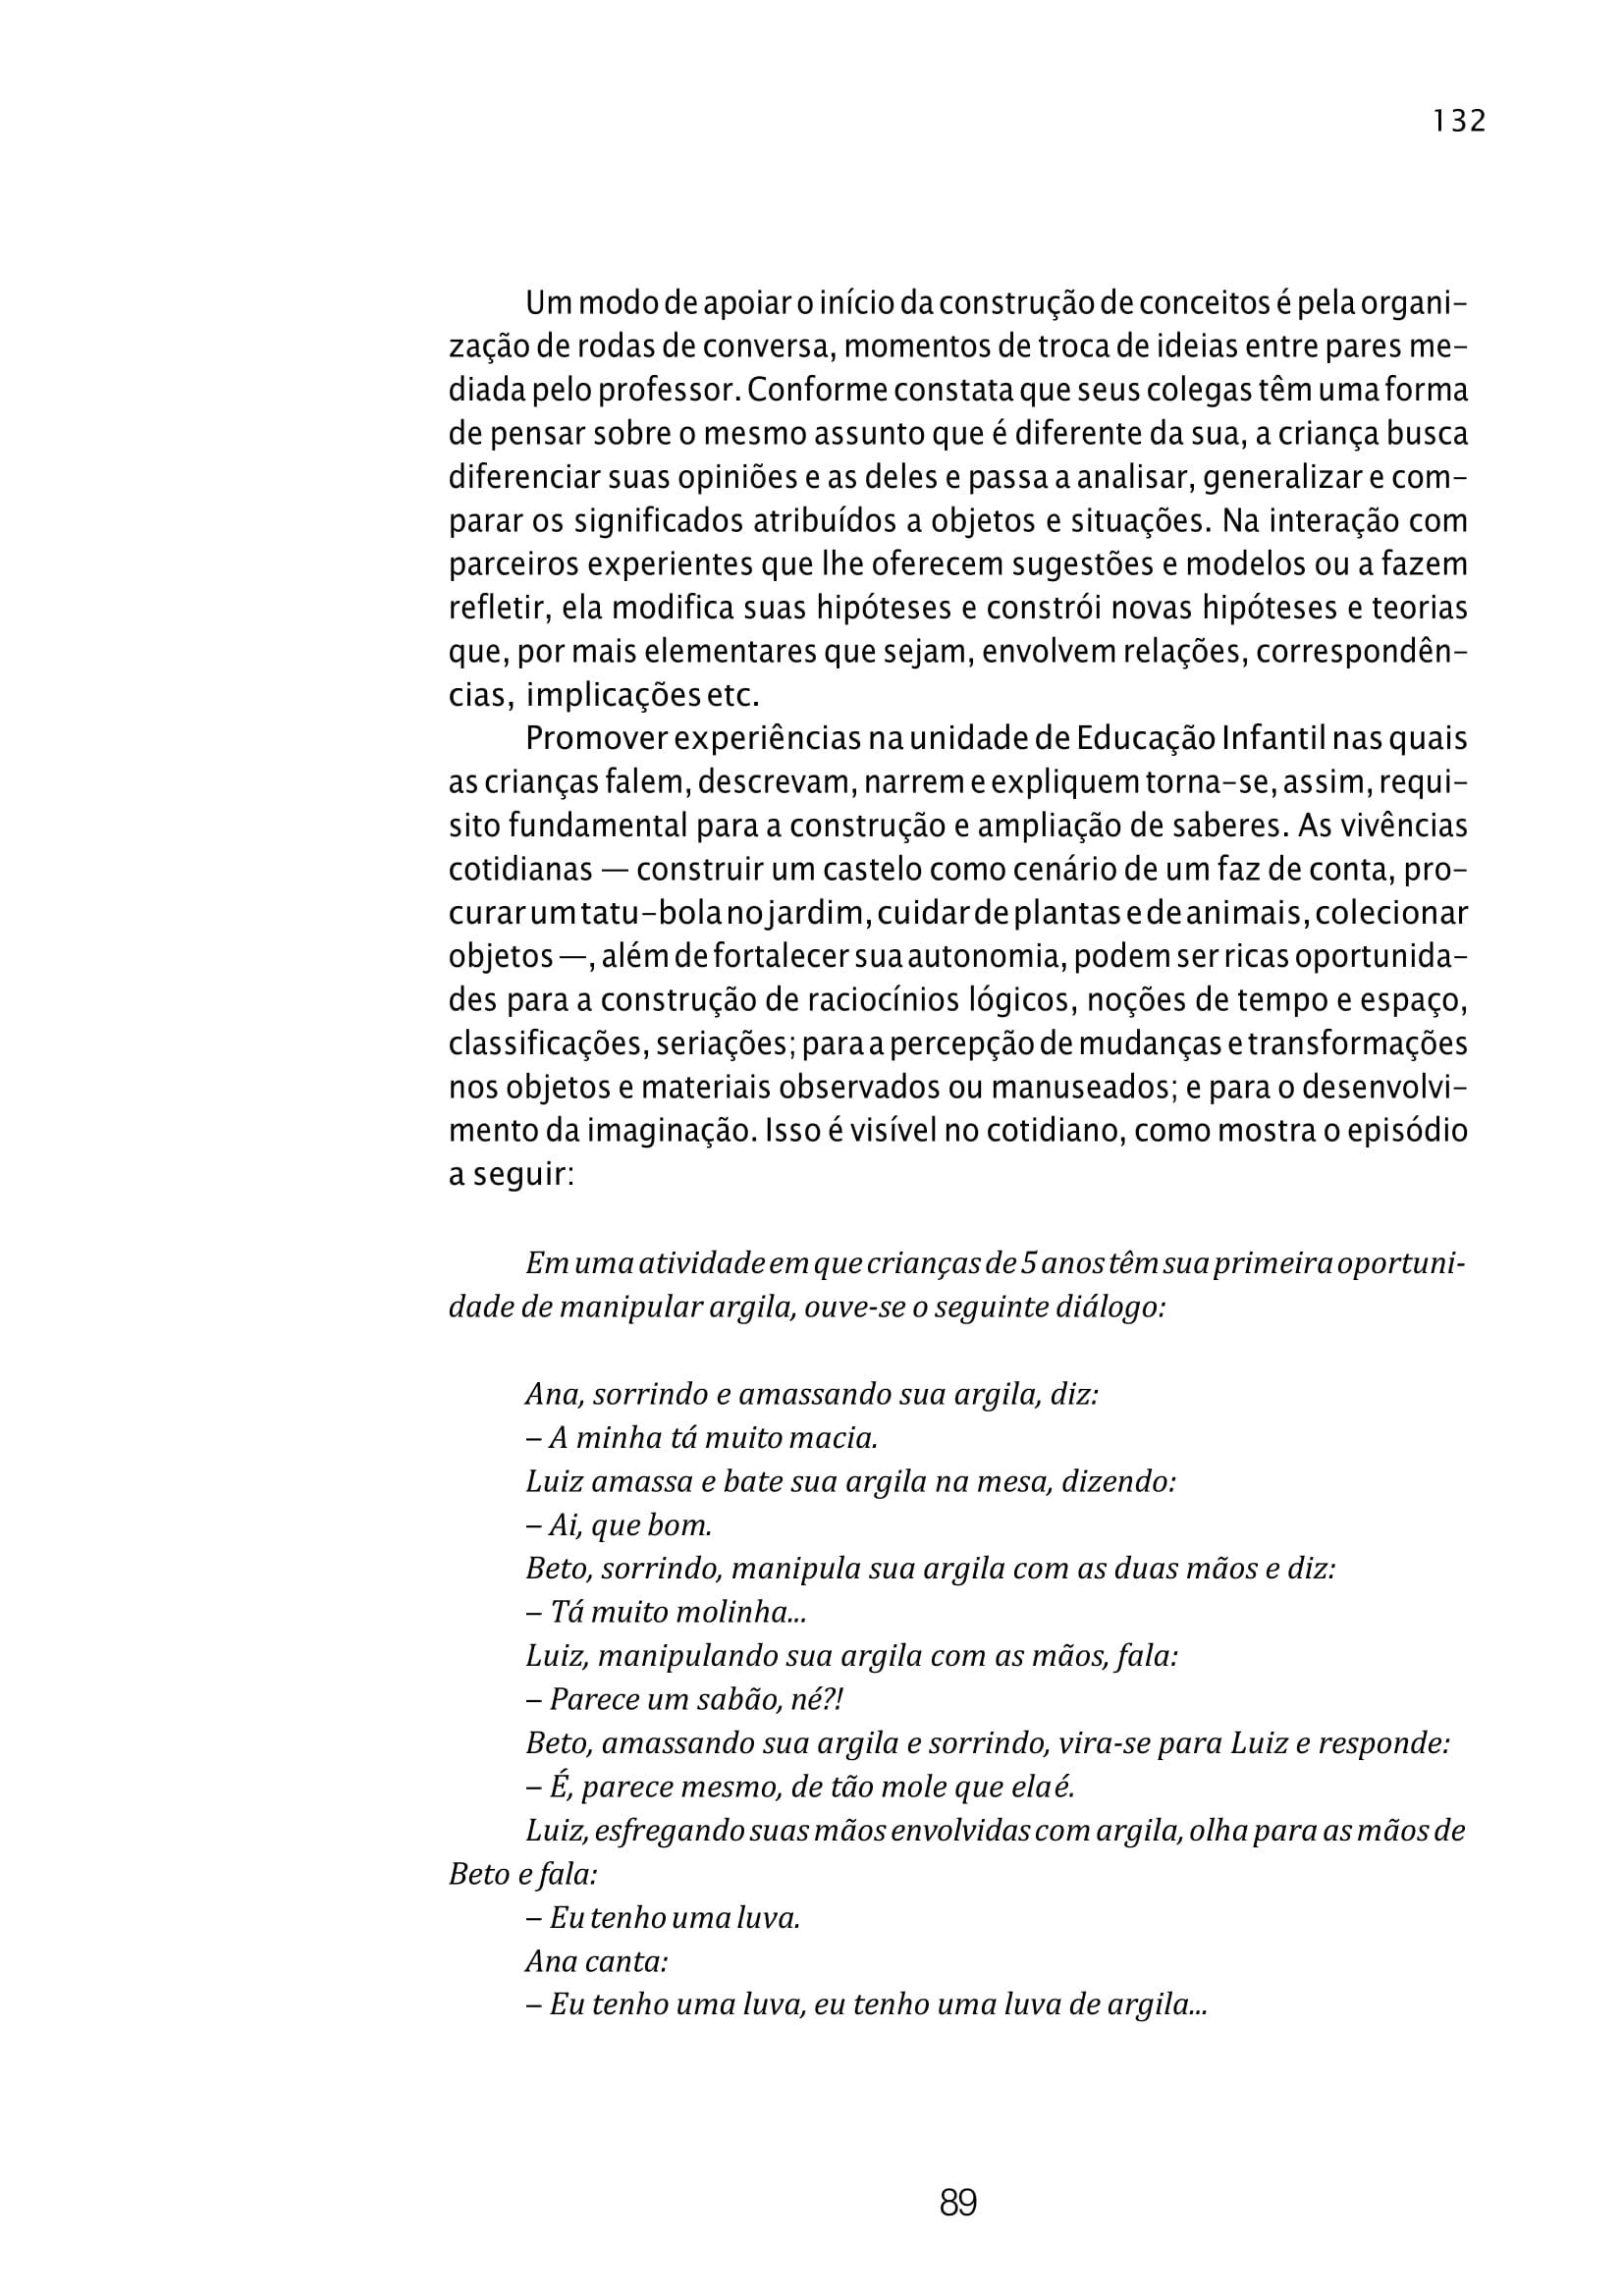 planejamento-educação-infantil-bncc-geral-162